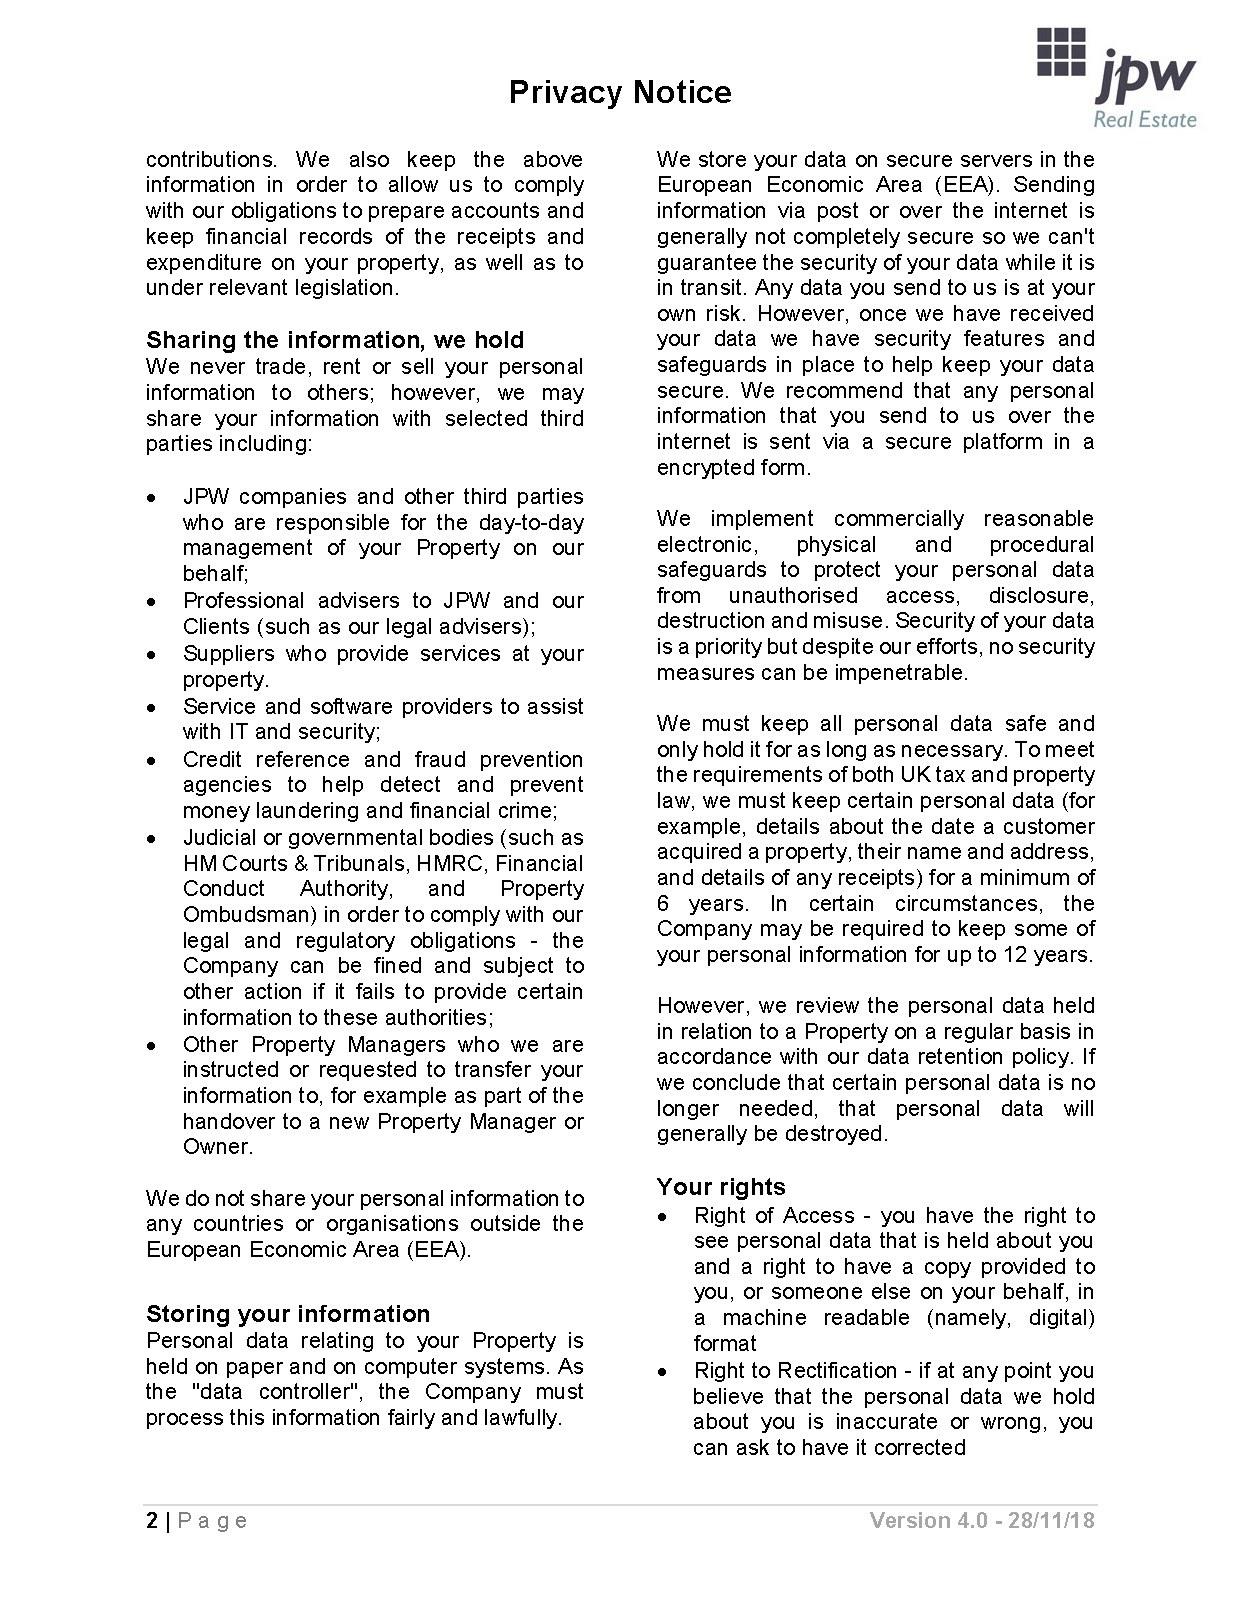 Privacy Notice V4 Page 2